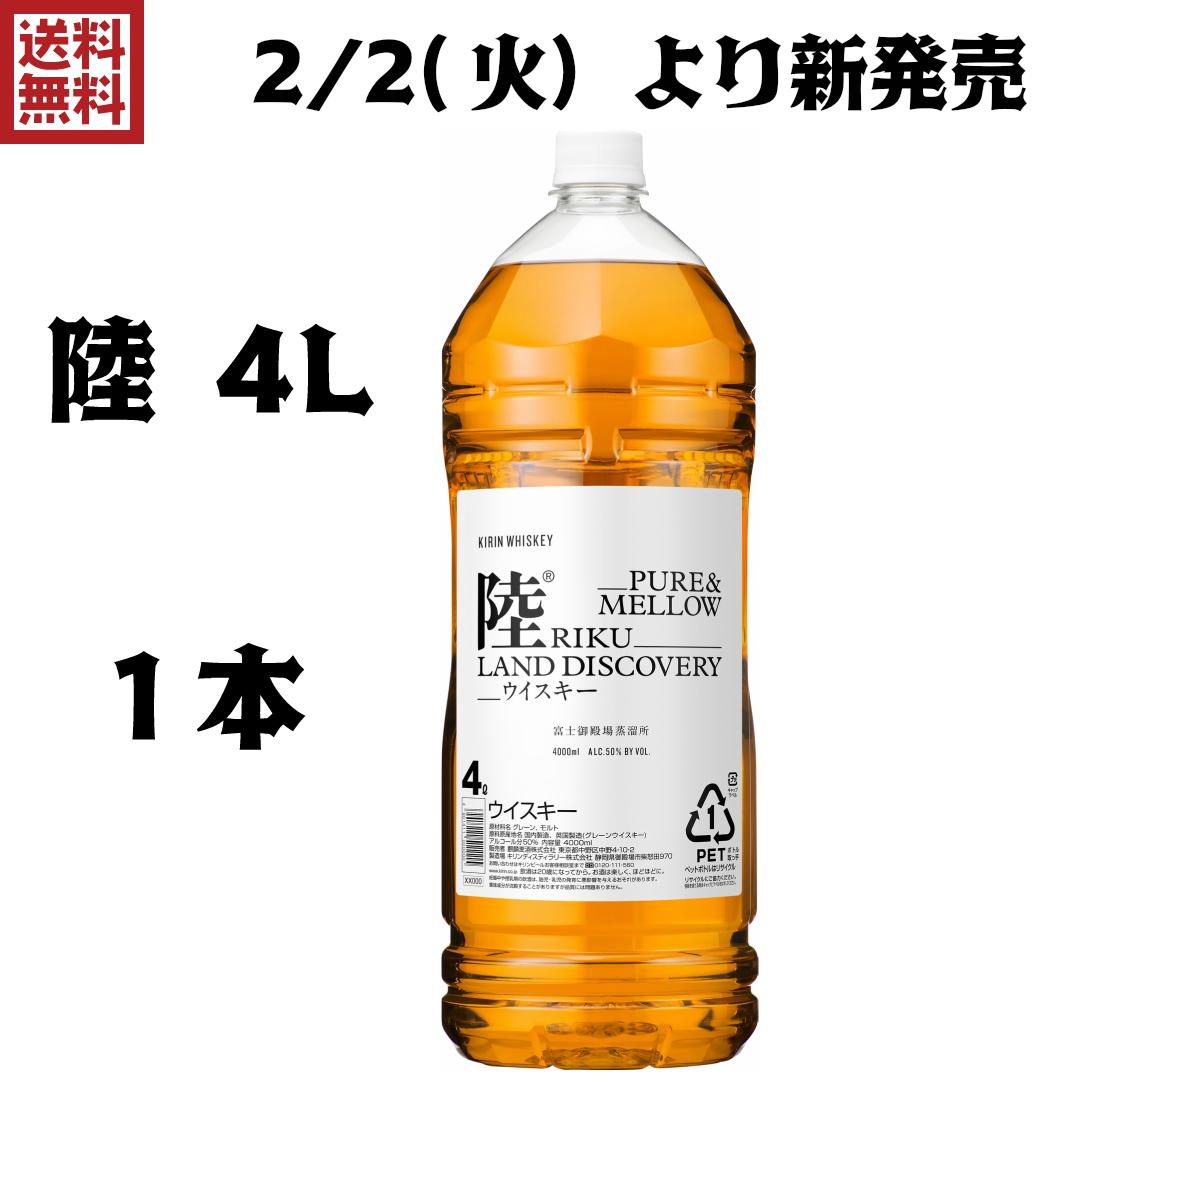 北海道・沖縄は送料として+800円(税込)かかります 【送料無料】 陸 4L 1本 ペット ウイスキー ウィスキー キリン 4000ml